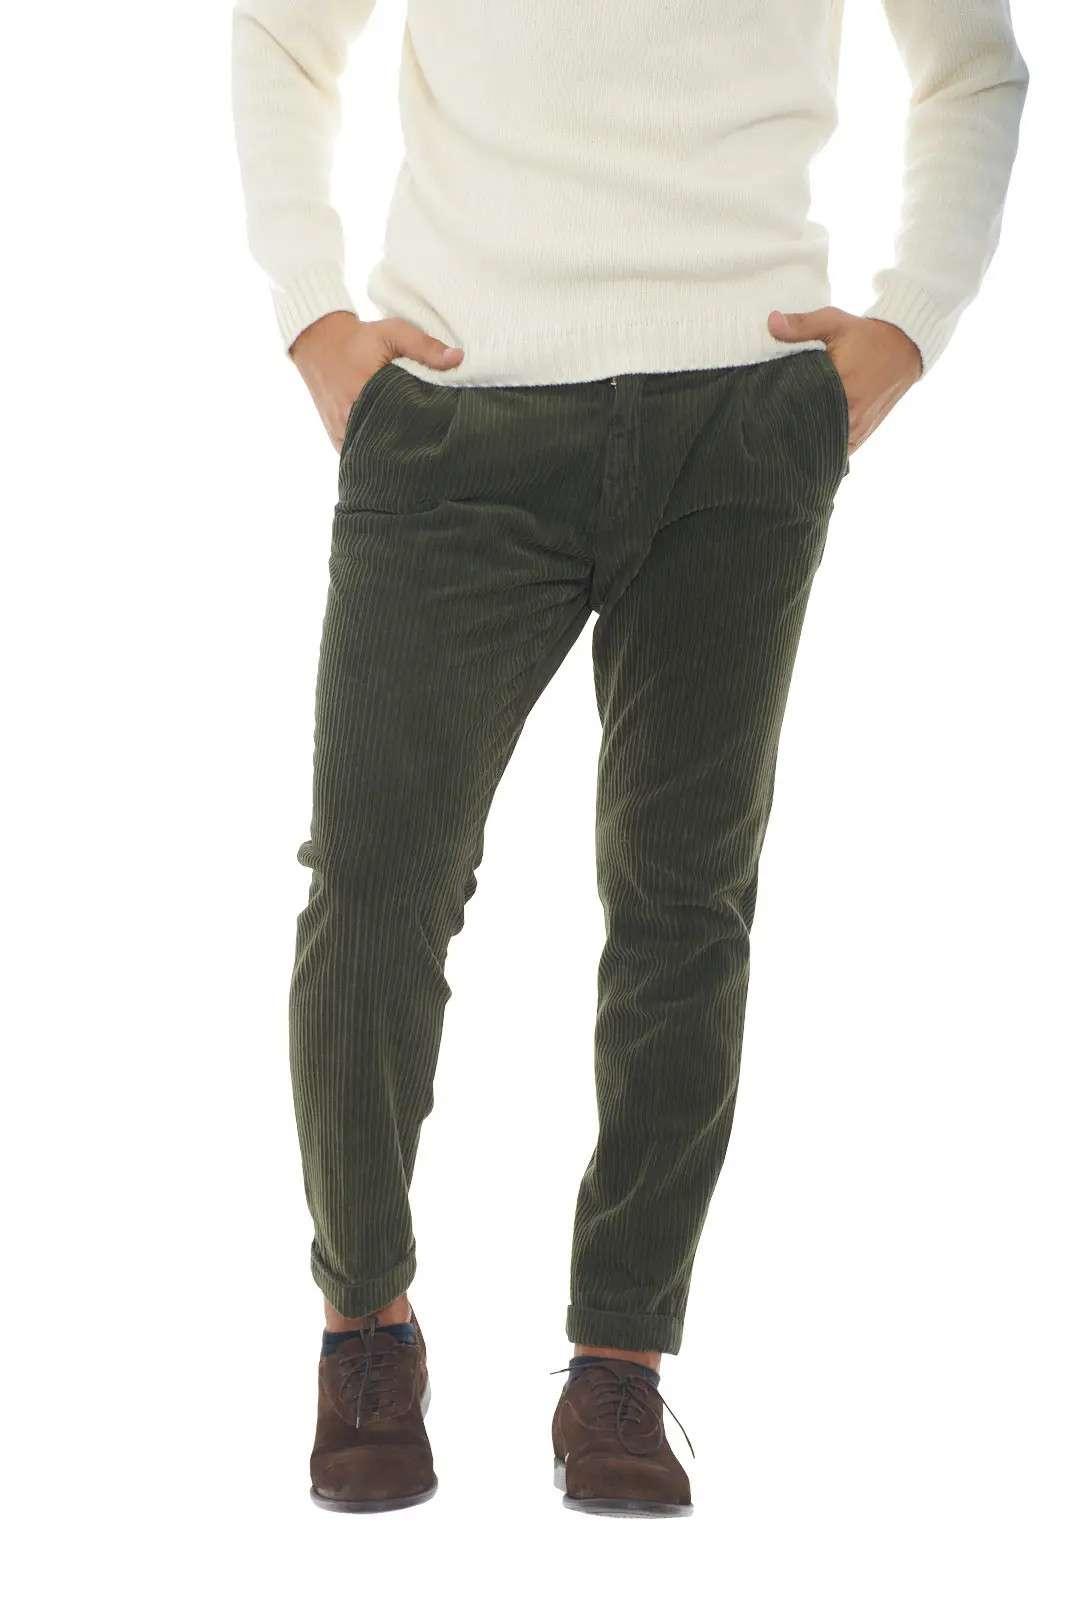 Un pantalone con pinces e dal taglio capri per la collezione uomo Michael Coal. Da indossare per le occasioni più glamour si impone nel panorama della moda casual chic. Le coste di velluto fanno da padrone su un capo maschile e comodo.